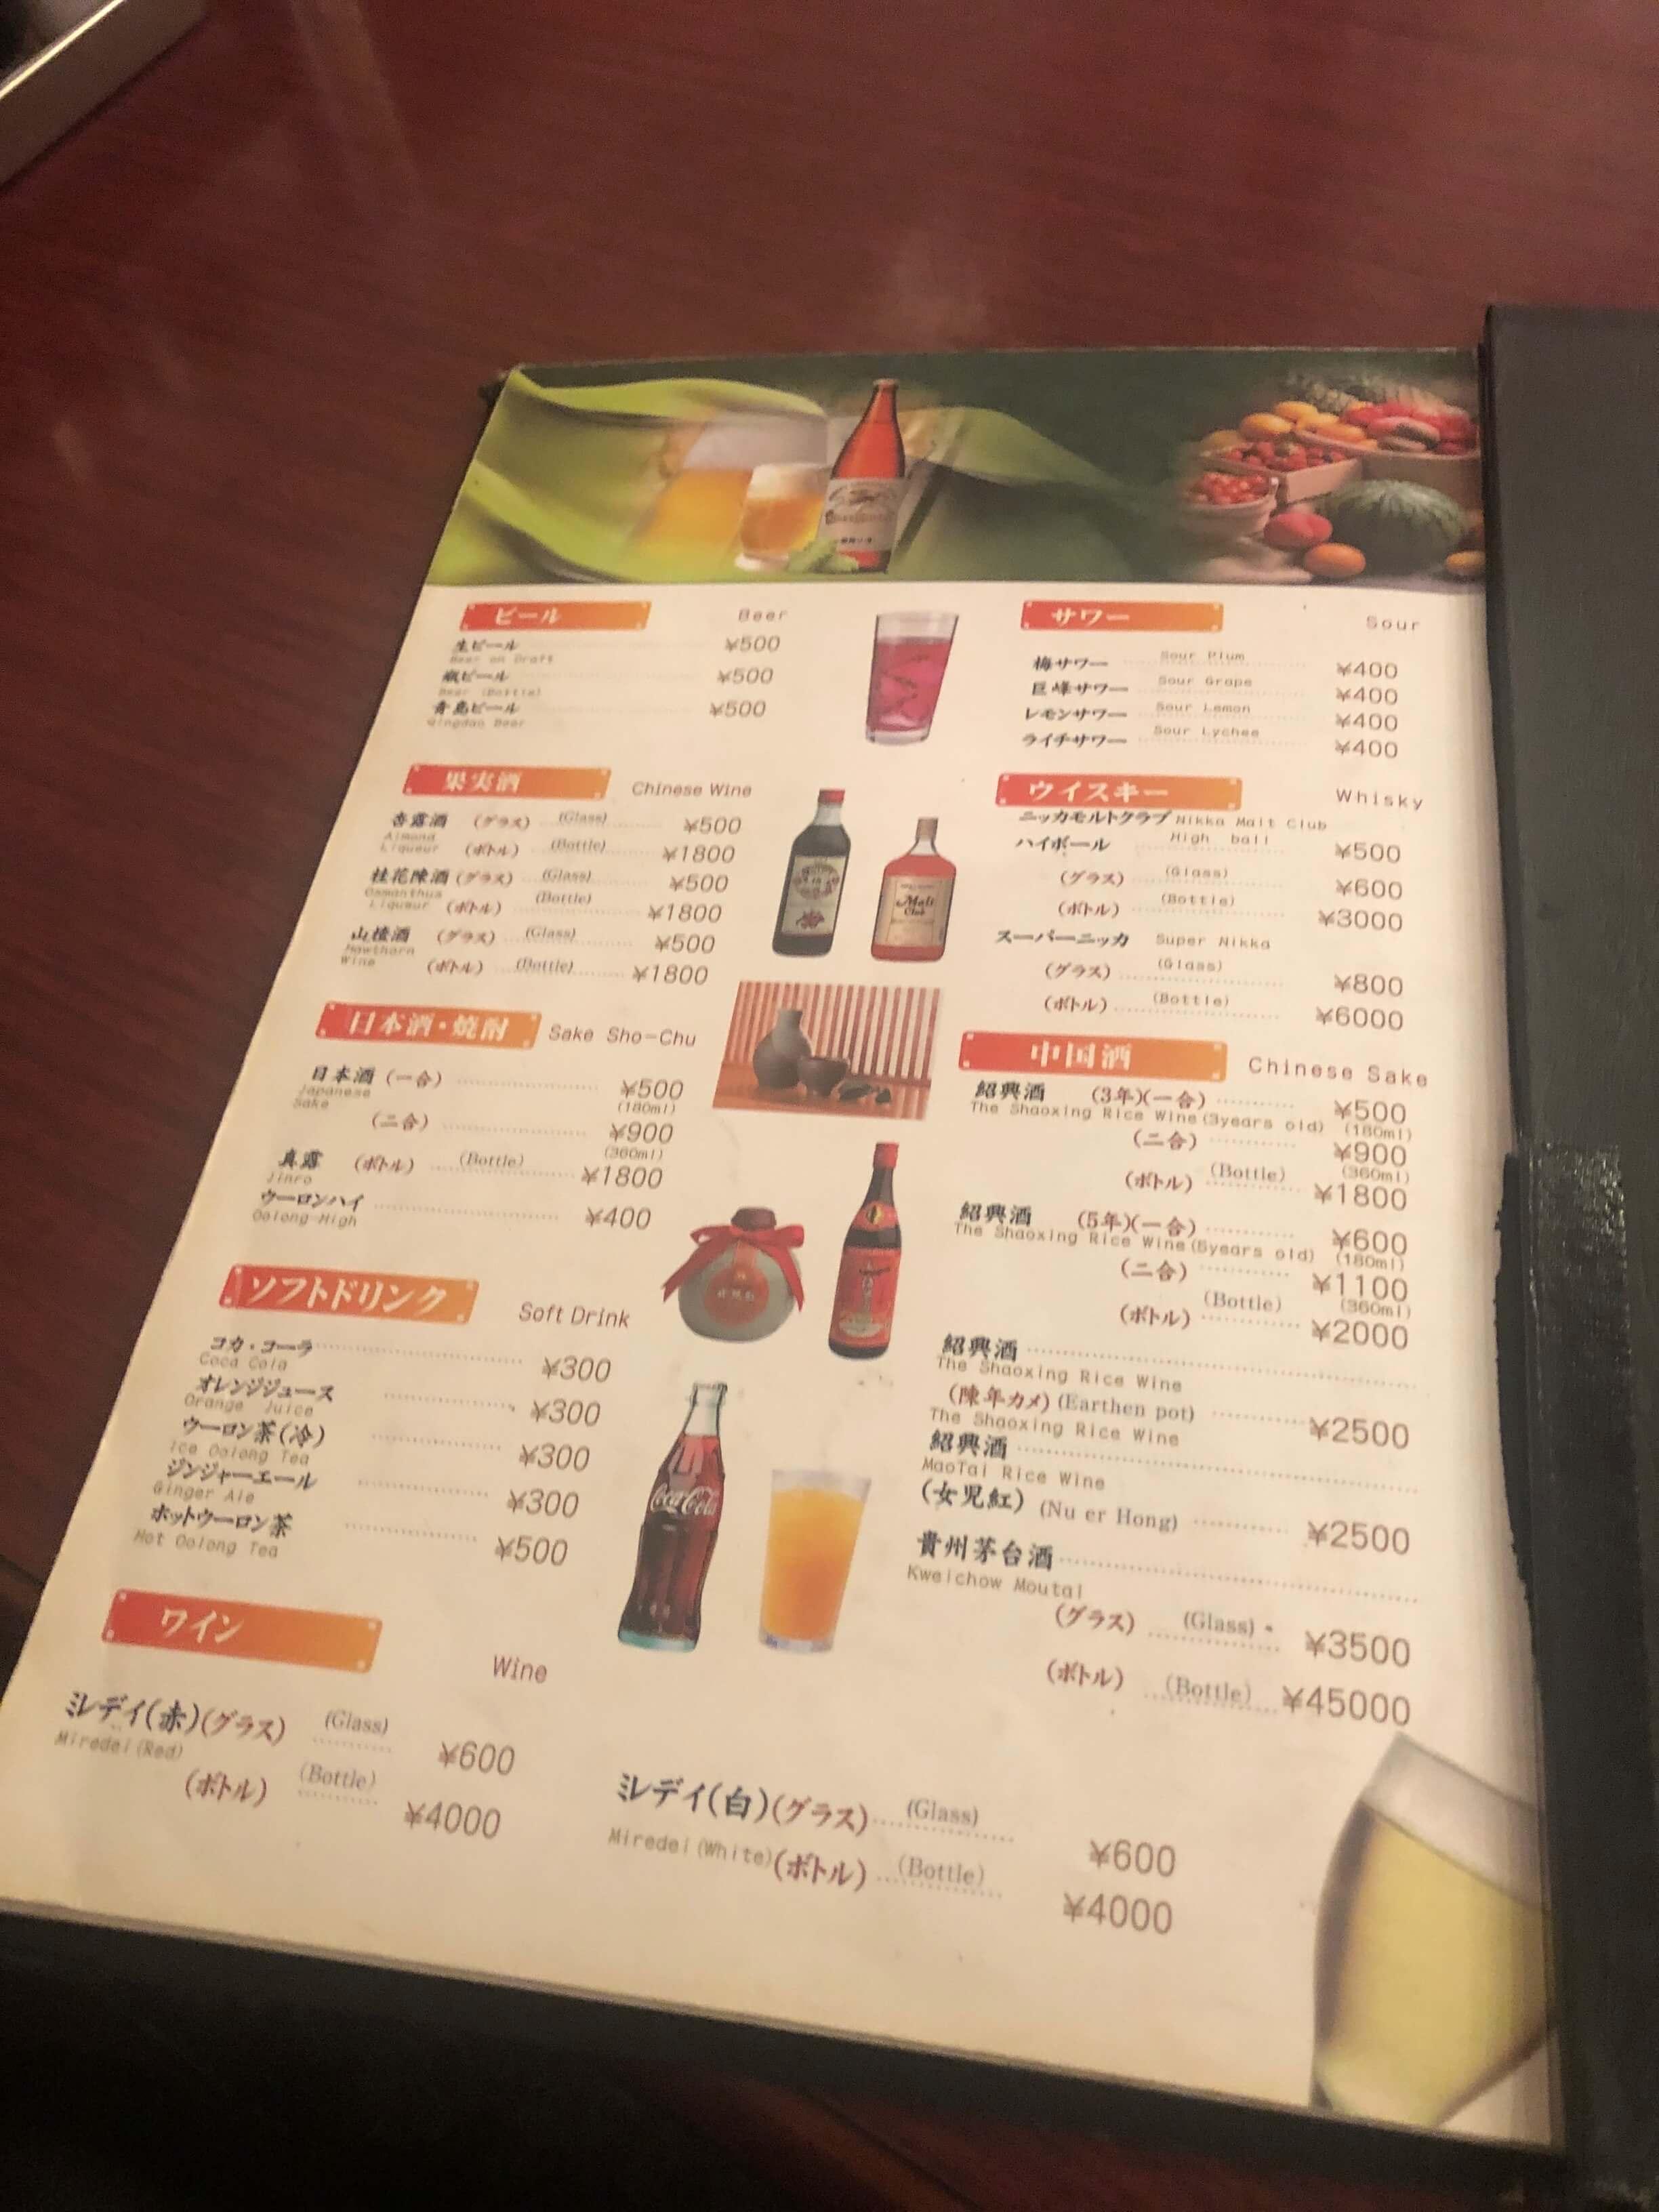 龍城飯店 メニュー 2020.04.03